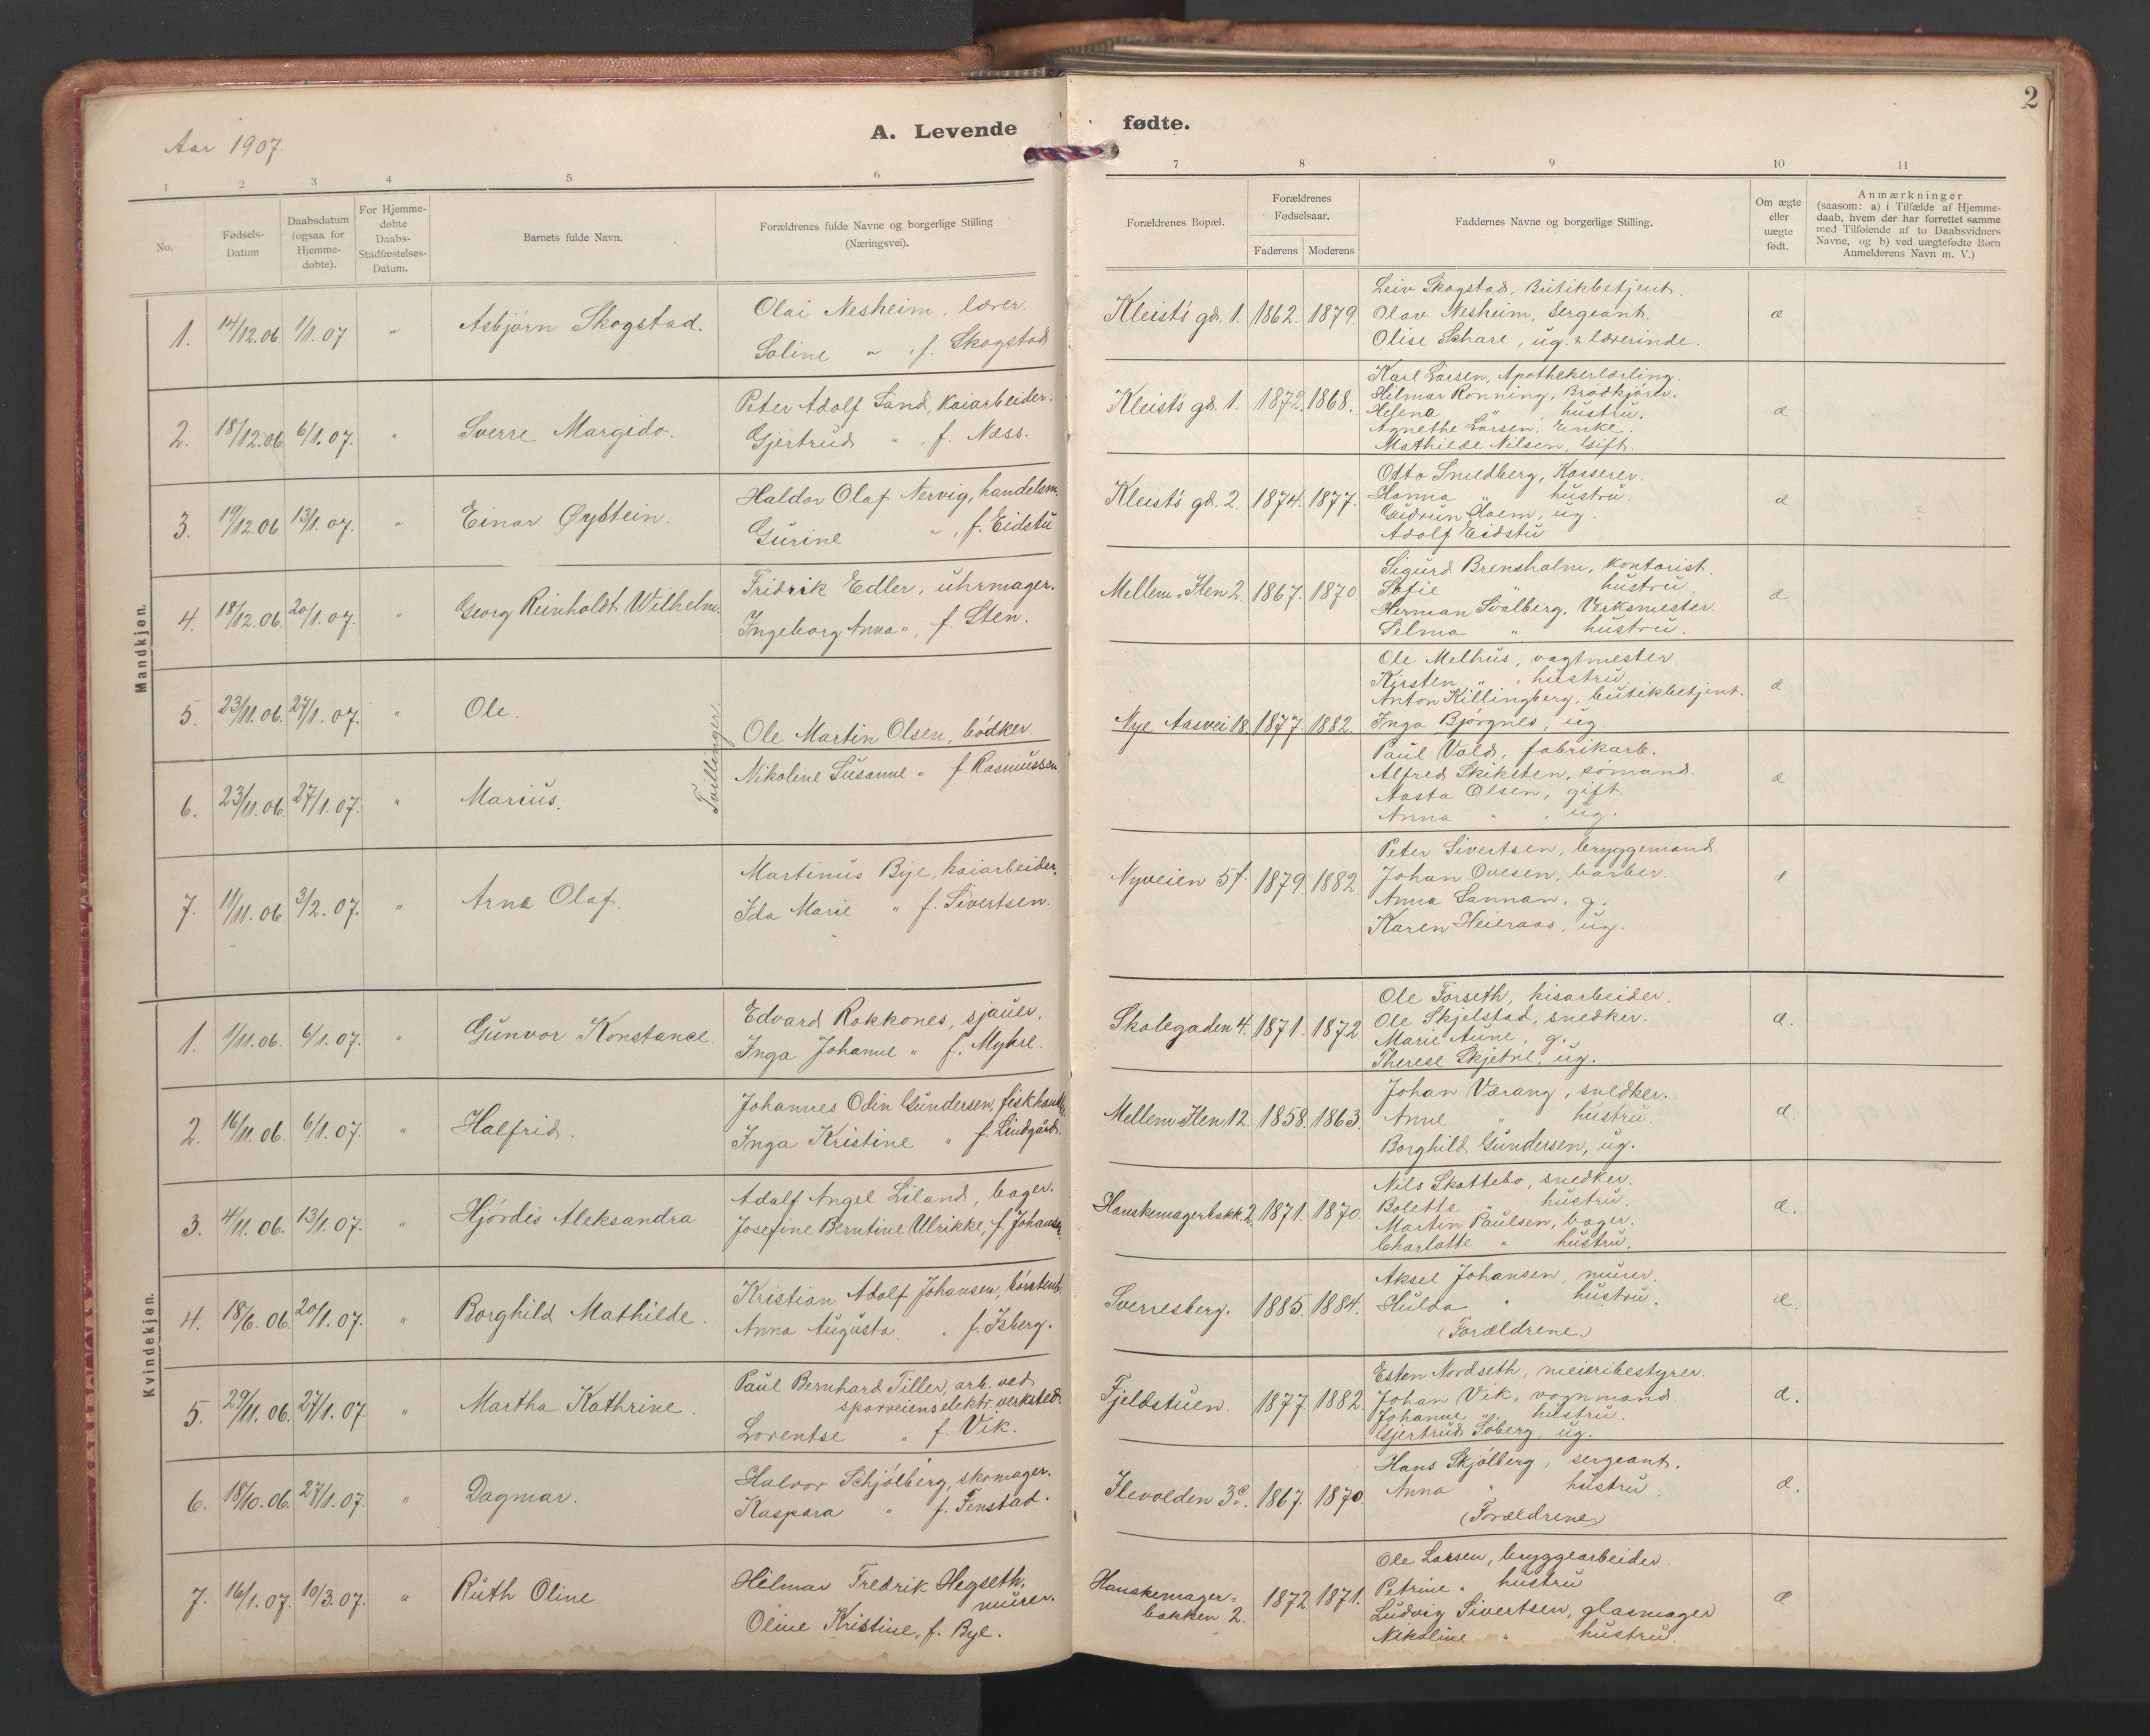 SAT, Ministerialprotokoller, klokkerbøker og fødselsregistre - Sør-Trøndelag, 603/L0173: Klokkerbok nr. 603C01, 1907-1962, s. 1